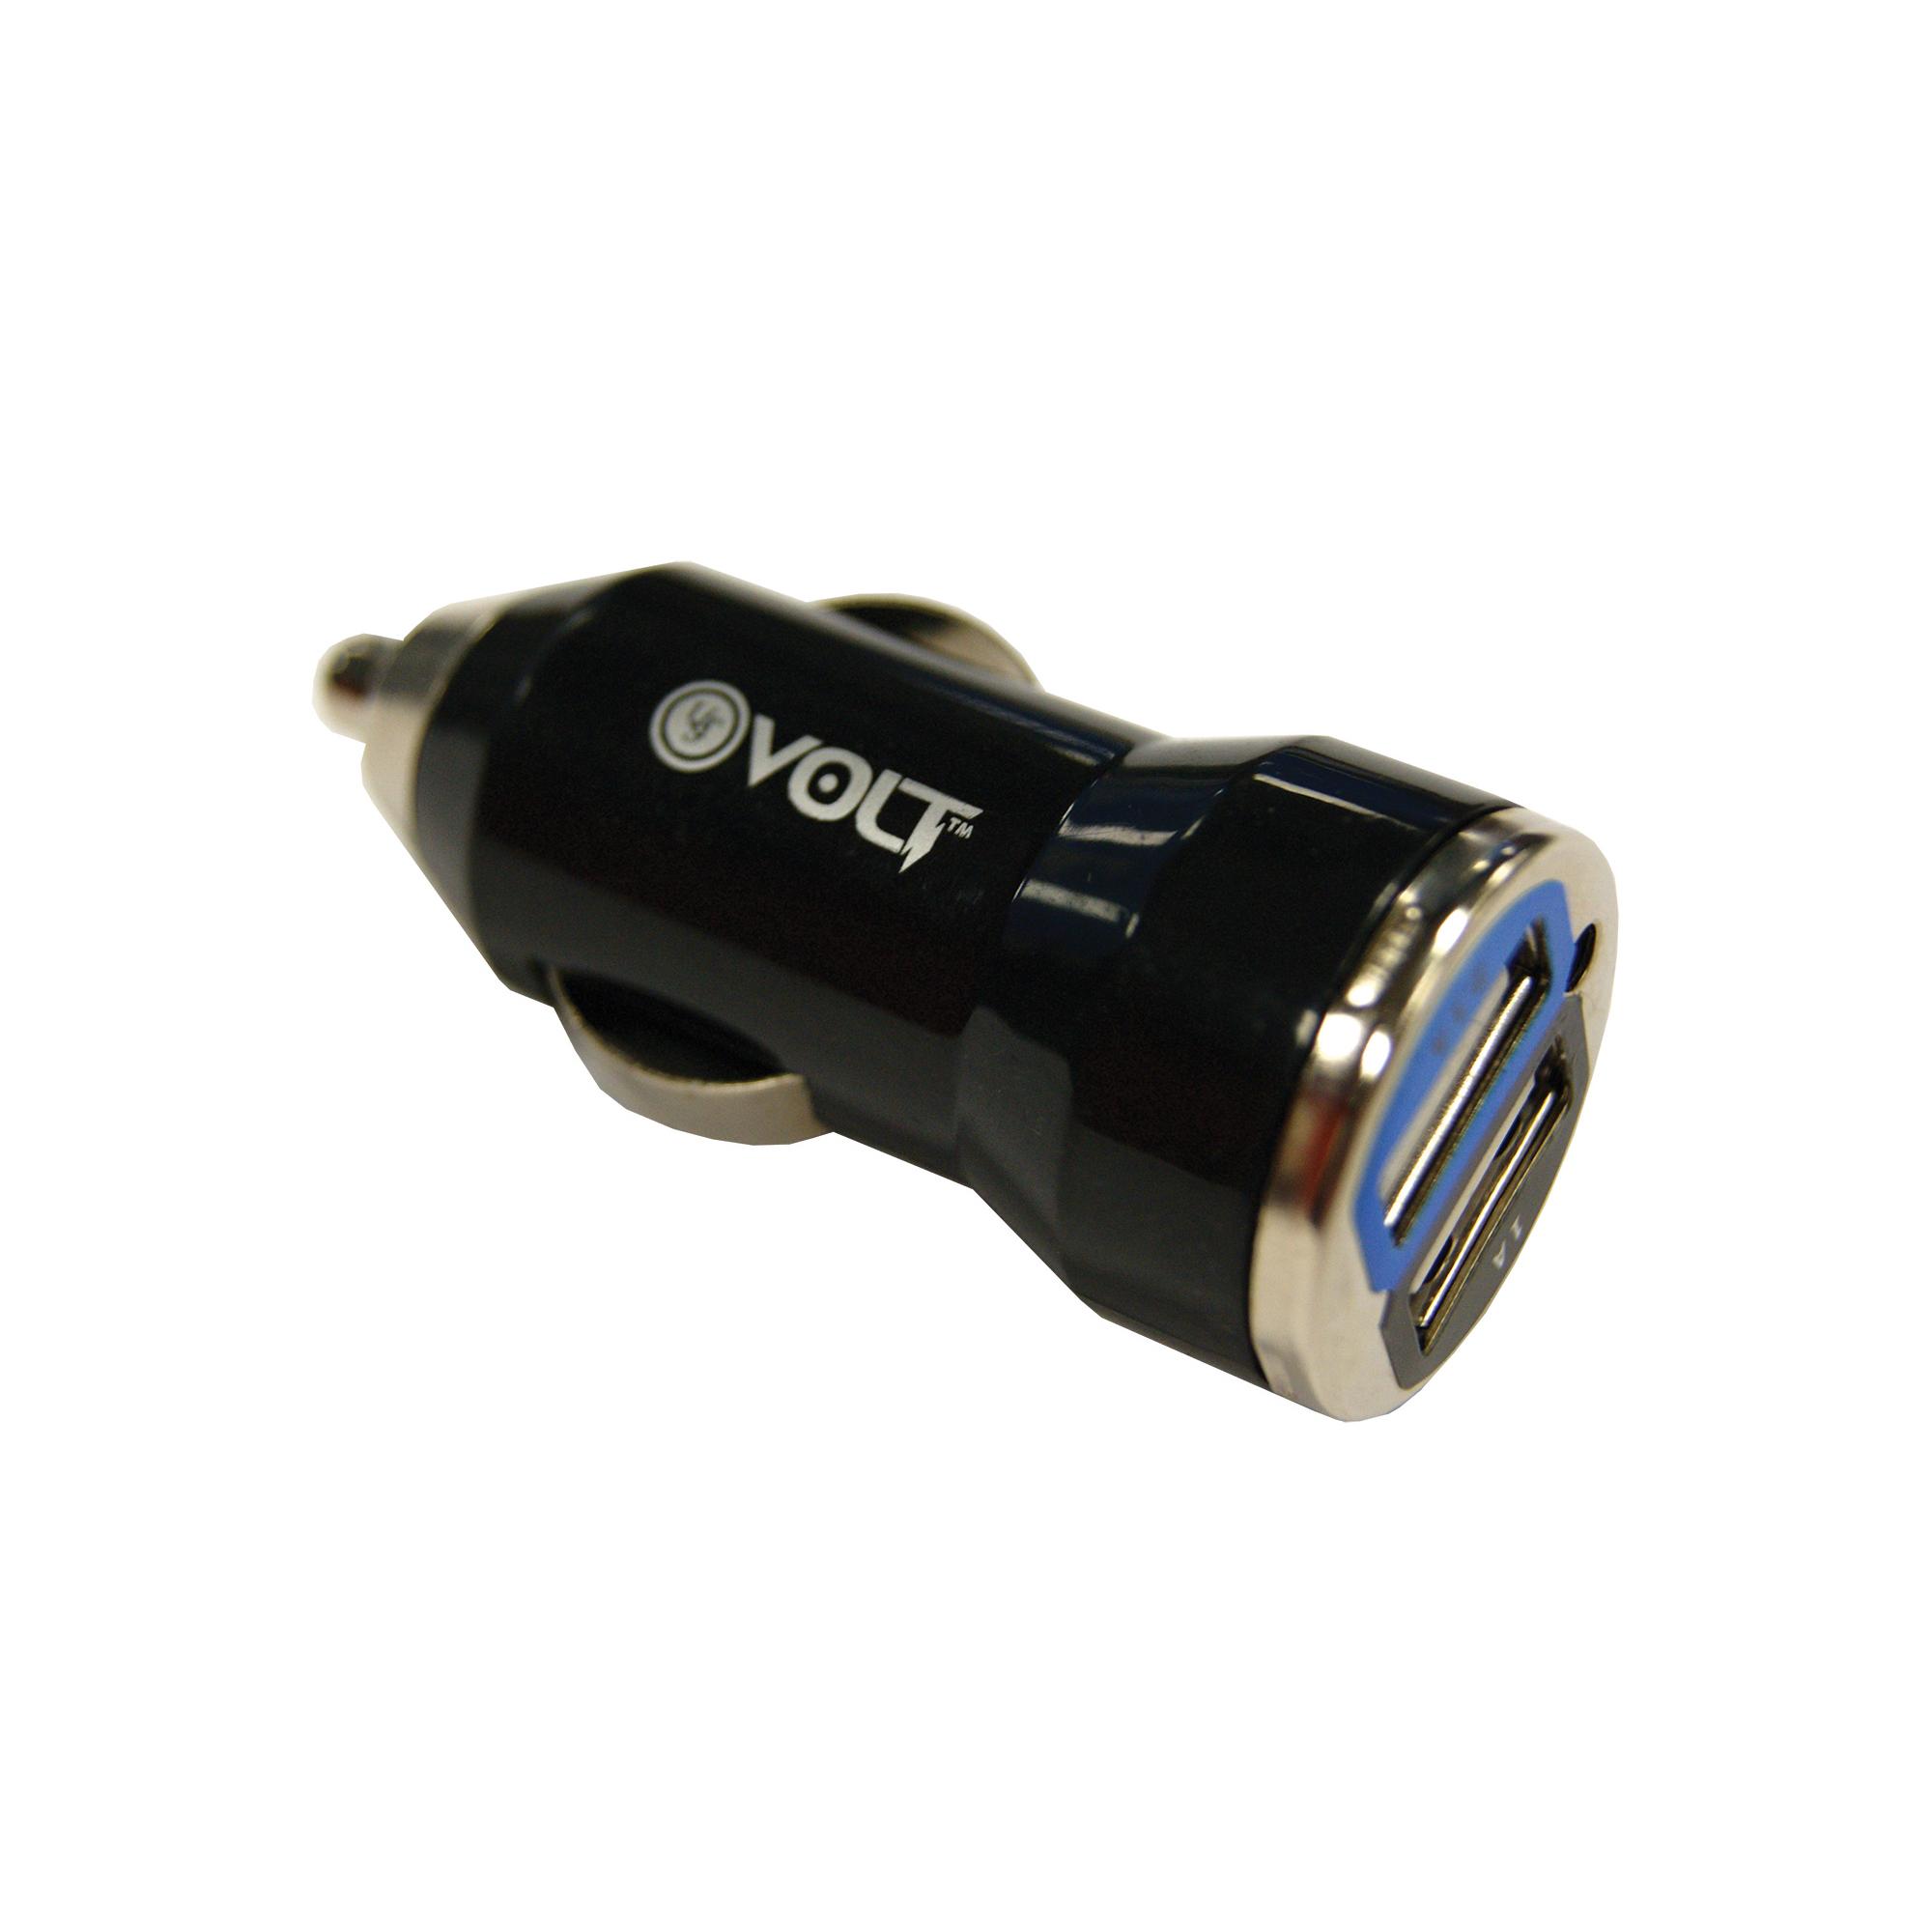 Ust Volt Xl 12v Dual Usb Adapt Blk